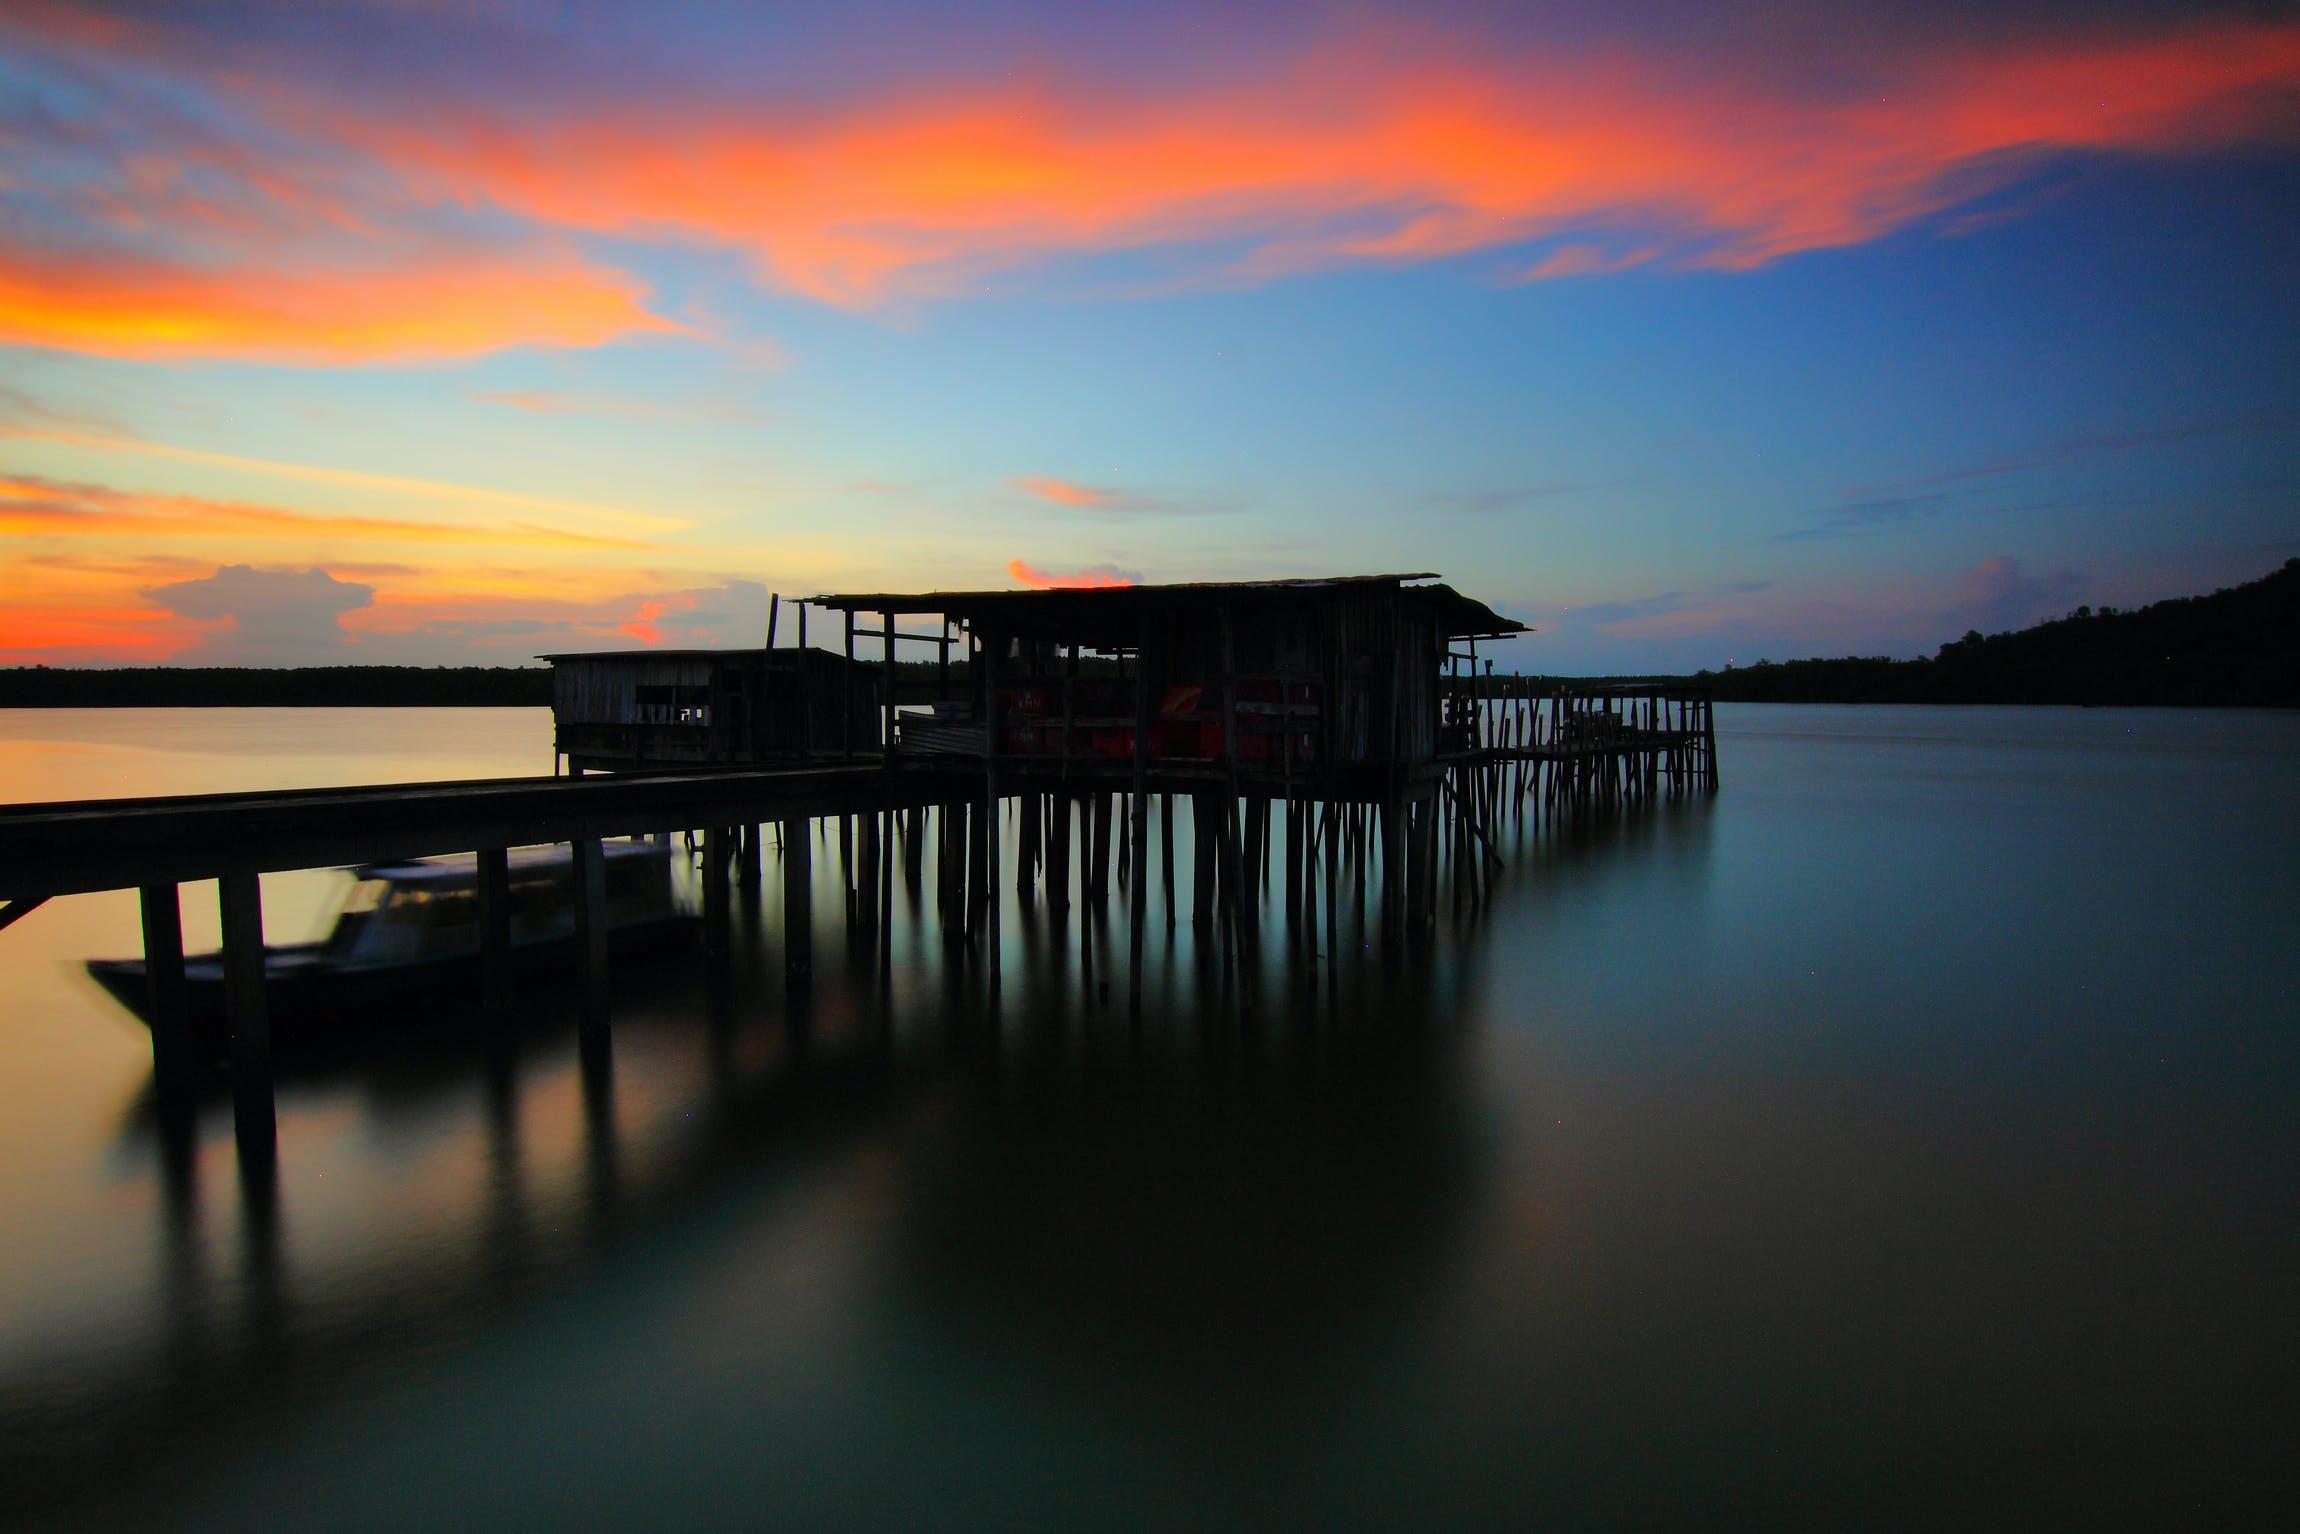 берег моря, відображення, вечір